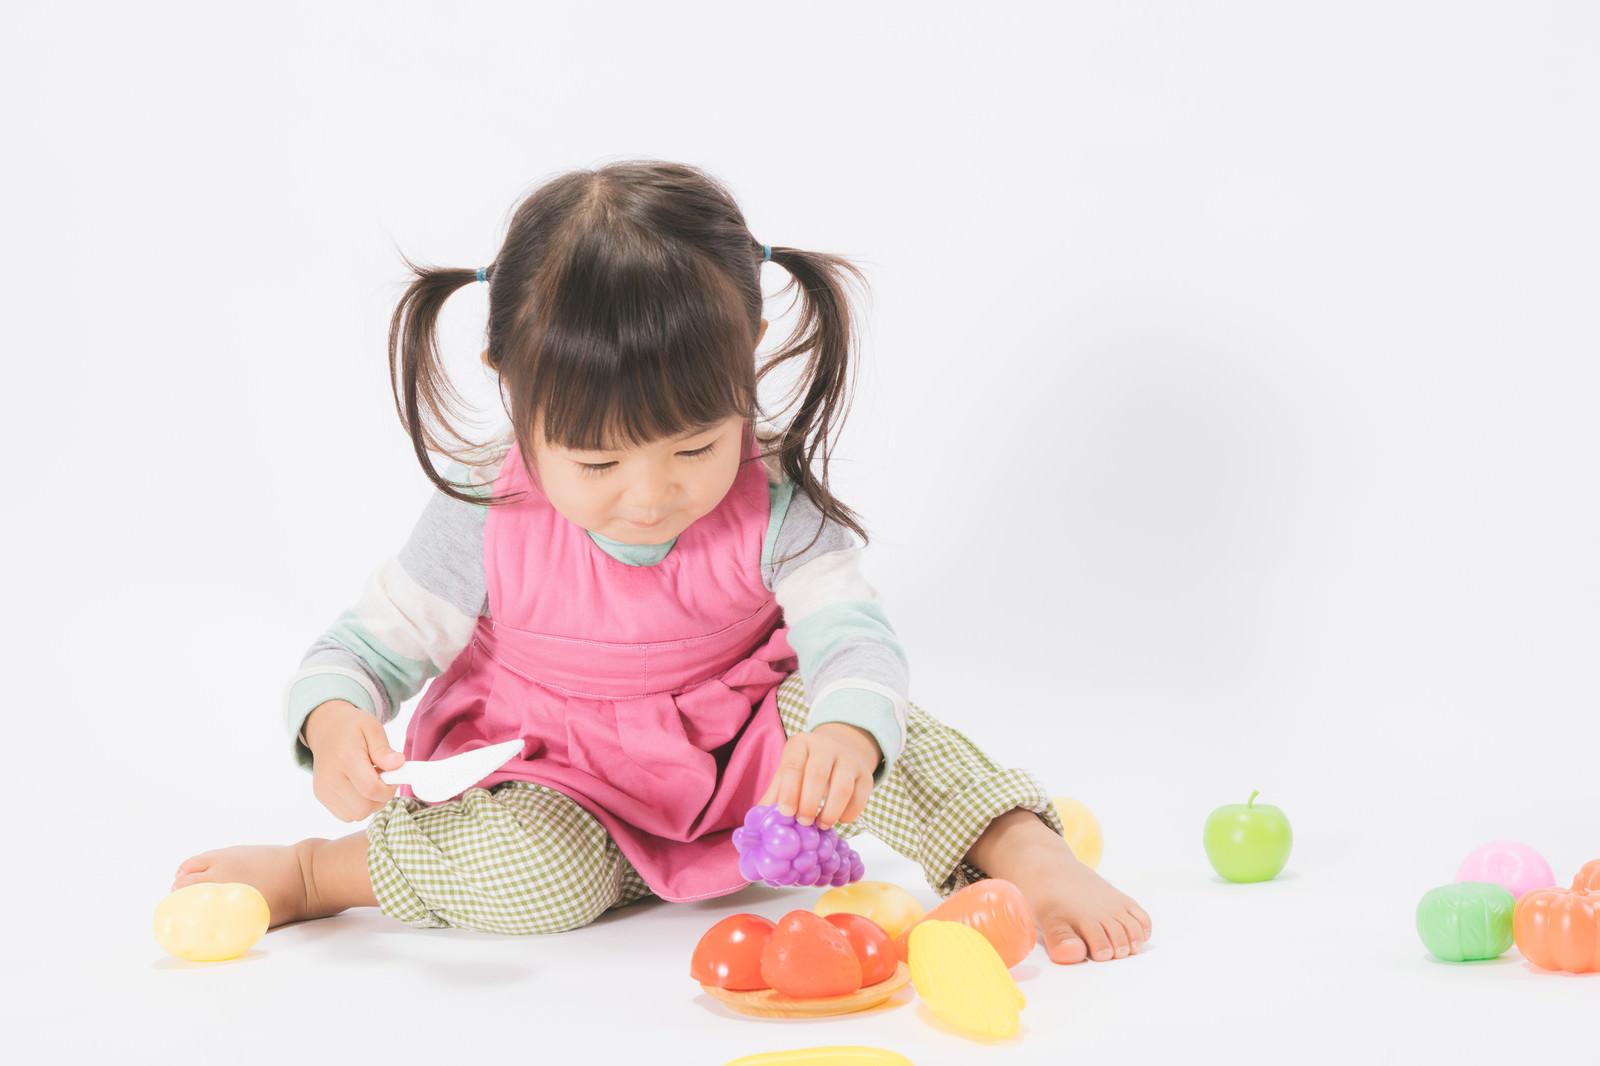 「お皿に盛り付けするおままごと女児お皿に盛り付けするおままごと女児」[モデル:あおみどり]のフリー写真素材を拡大